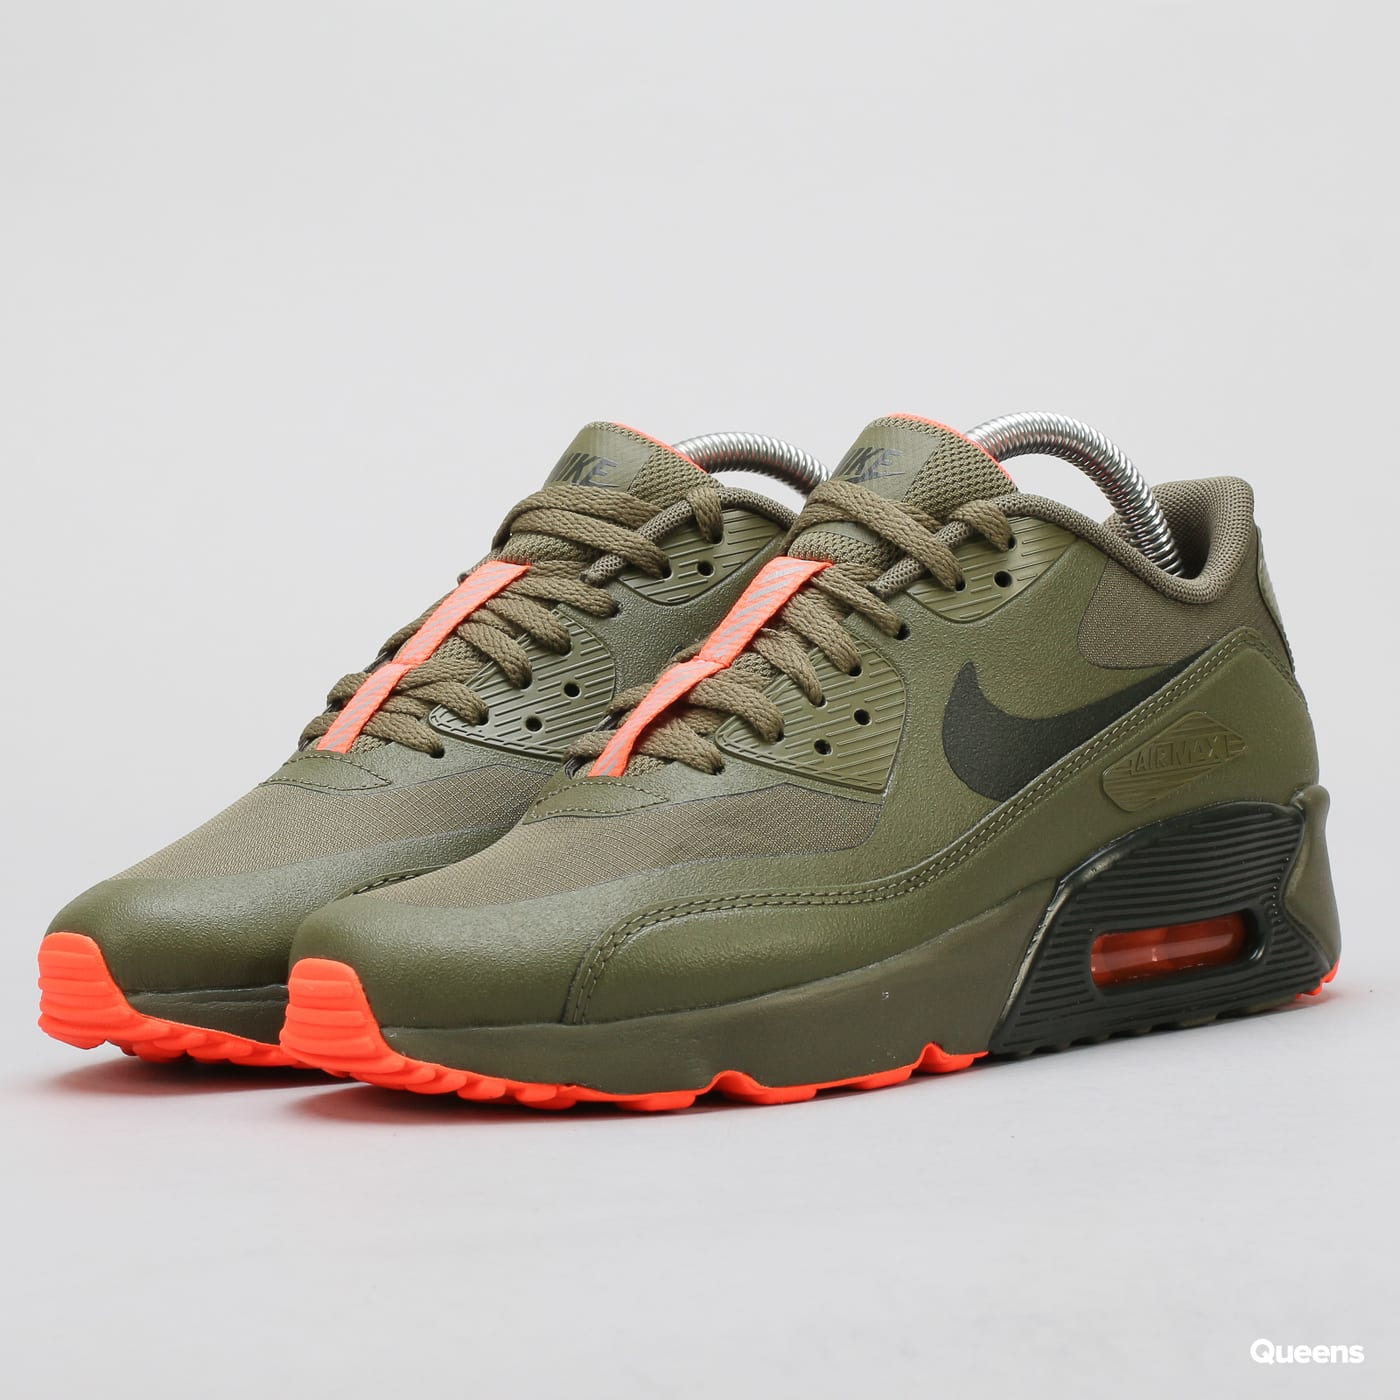 ebd93f52fb Nike Air Max 90 Ultra 2.0 LE (GS) medium olive / sequoia (AH7856-200) –  Queens 💚